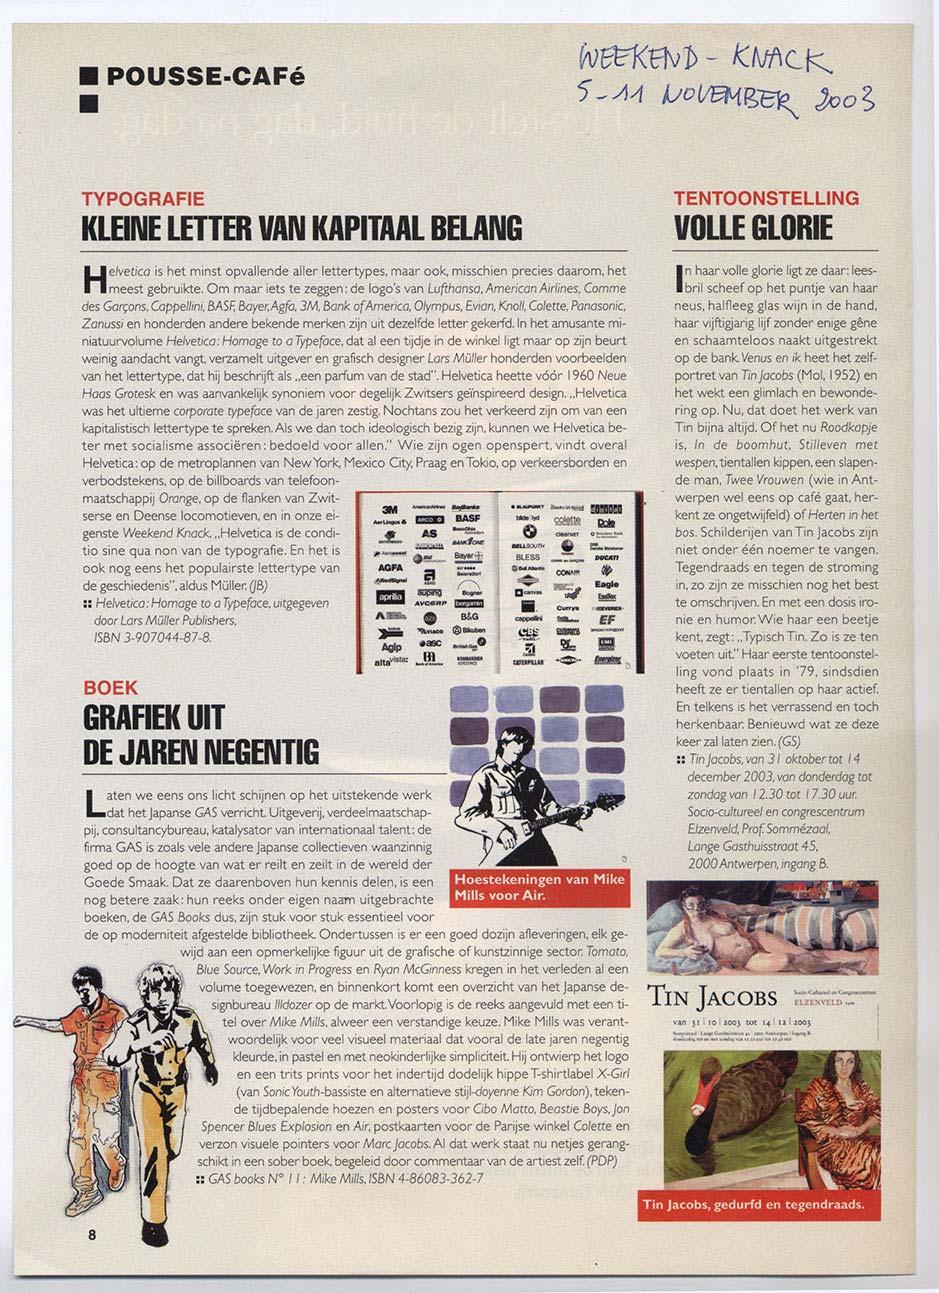 """Magazine, Knack-weekend, 5 November, Pousse-Café, """"Full Glory"""" image"""